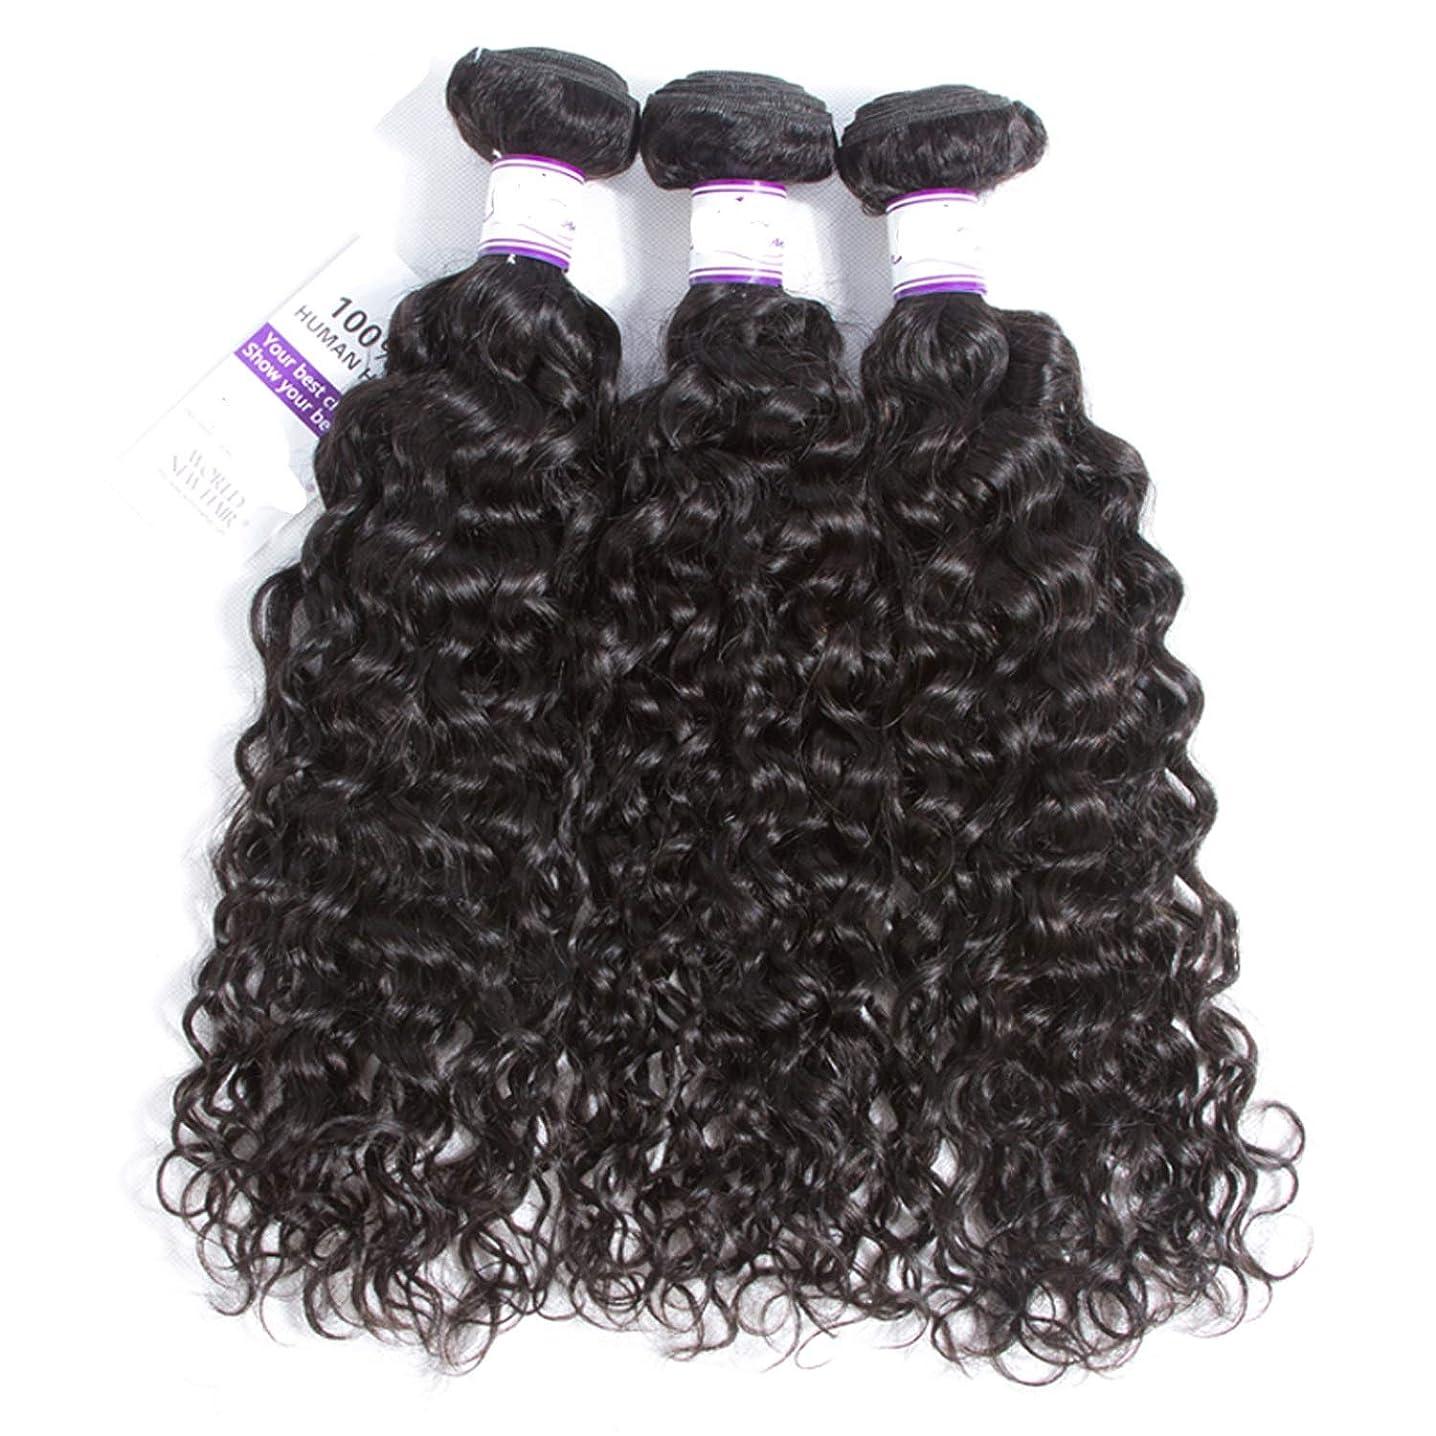 管理しますカロリー無数のマレーシアの水の波の髪3個ナチュラルブラック人間の髪の毛の束非レミーの毛延長8-28インチ かつら (Length : 20 20 20)